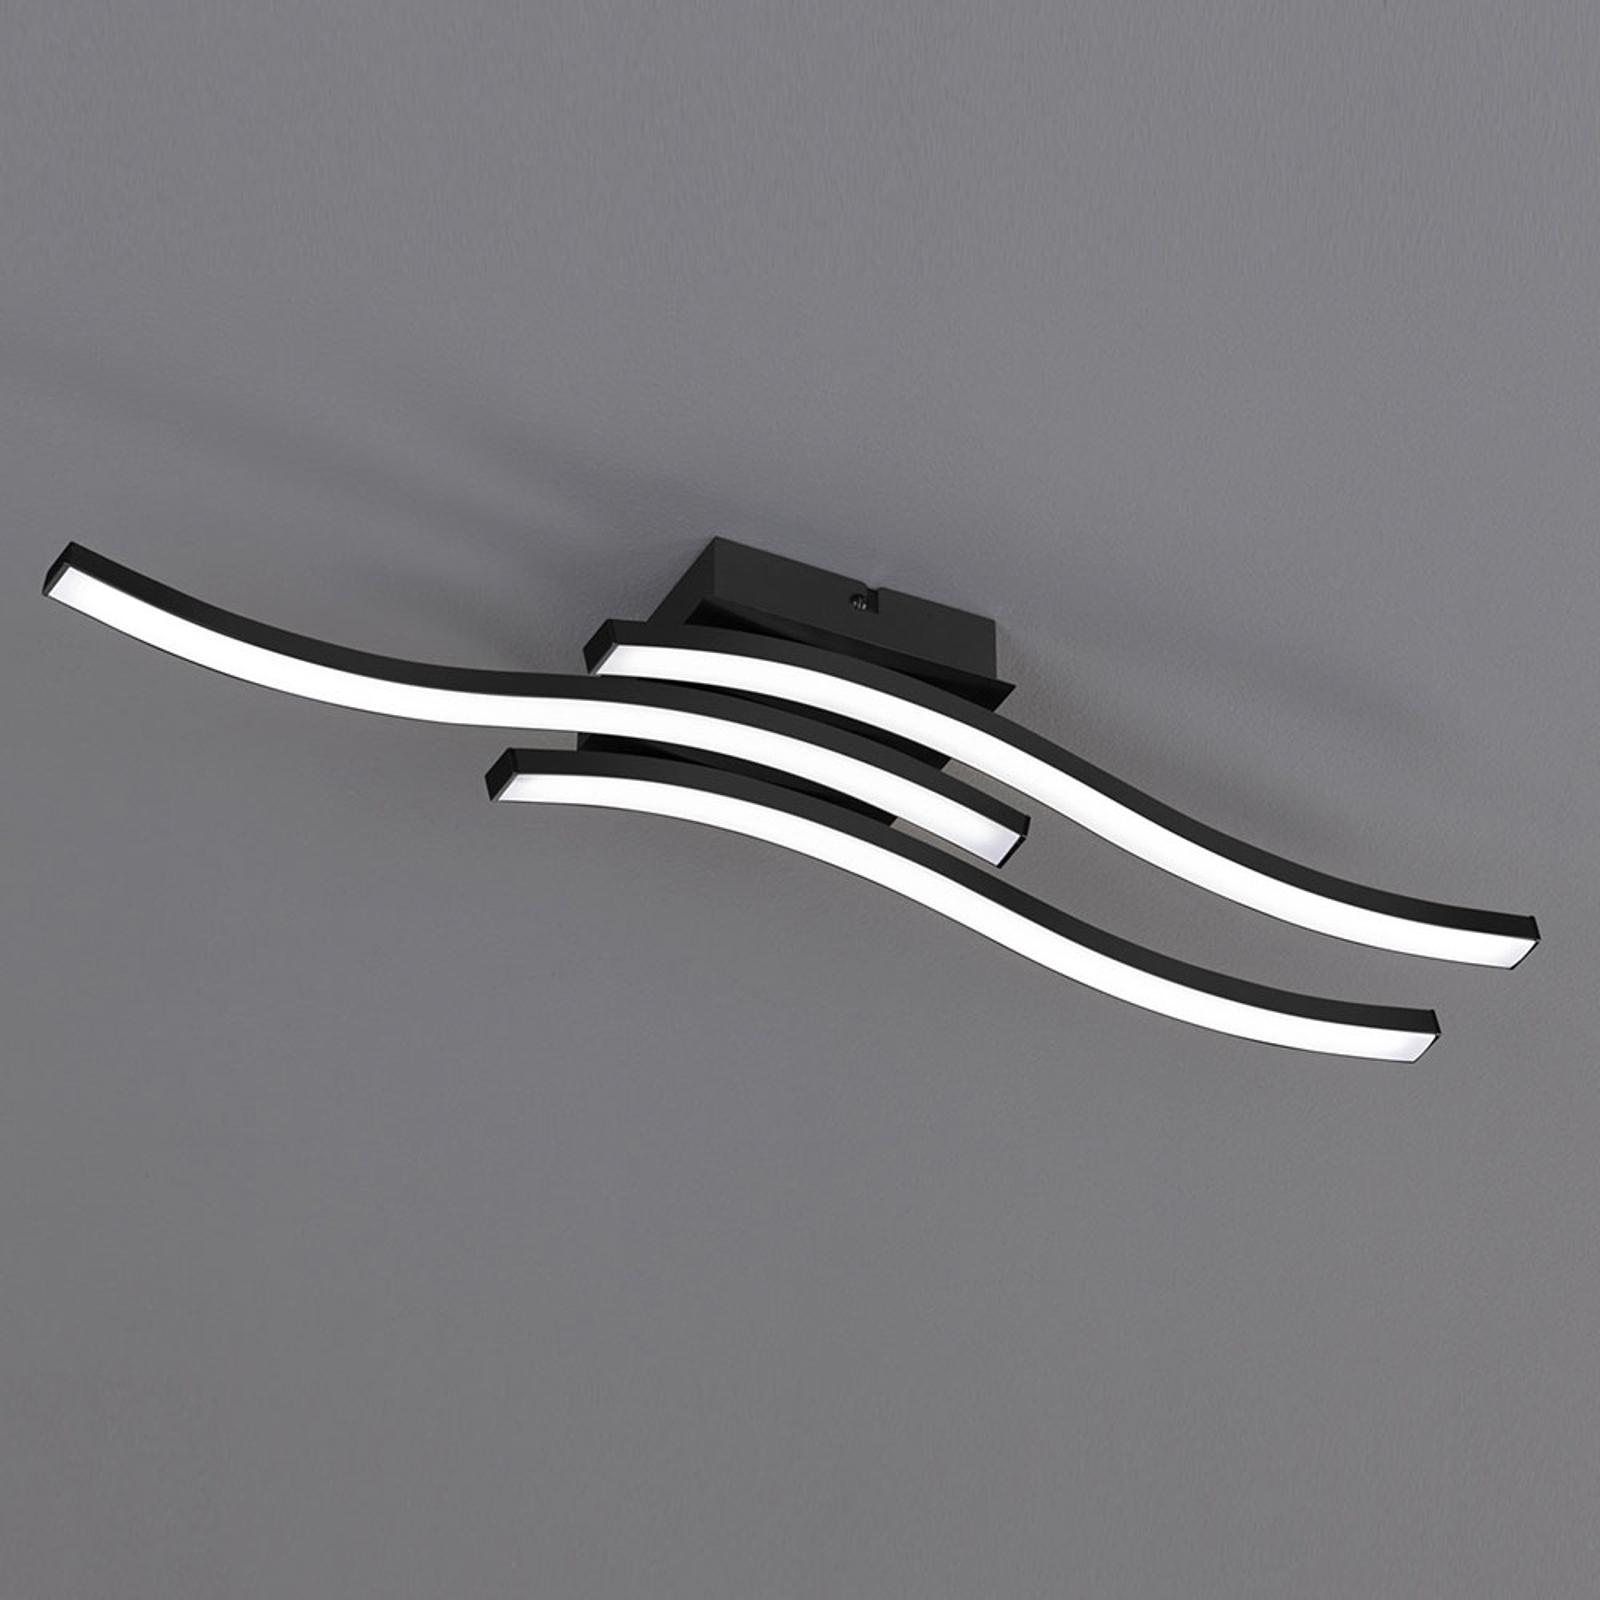 Lampa sufitowa LED Route czarna, 3-punktowa